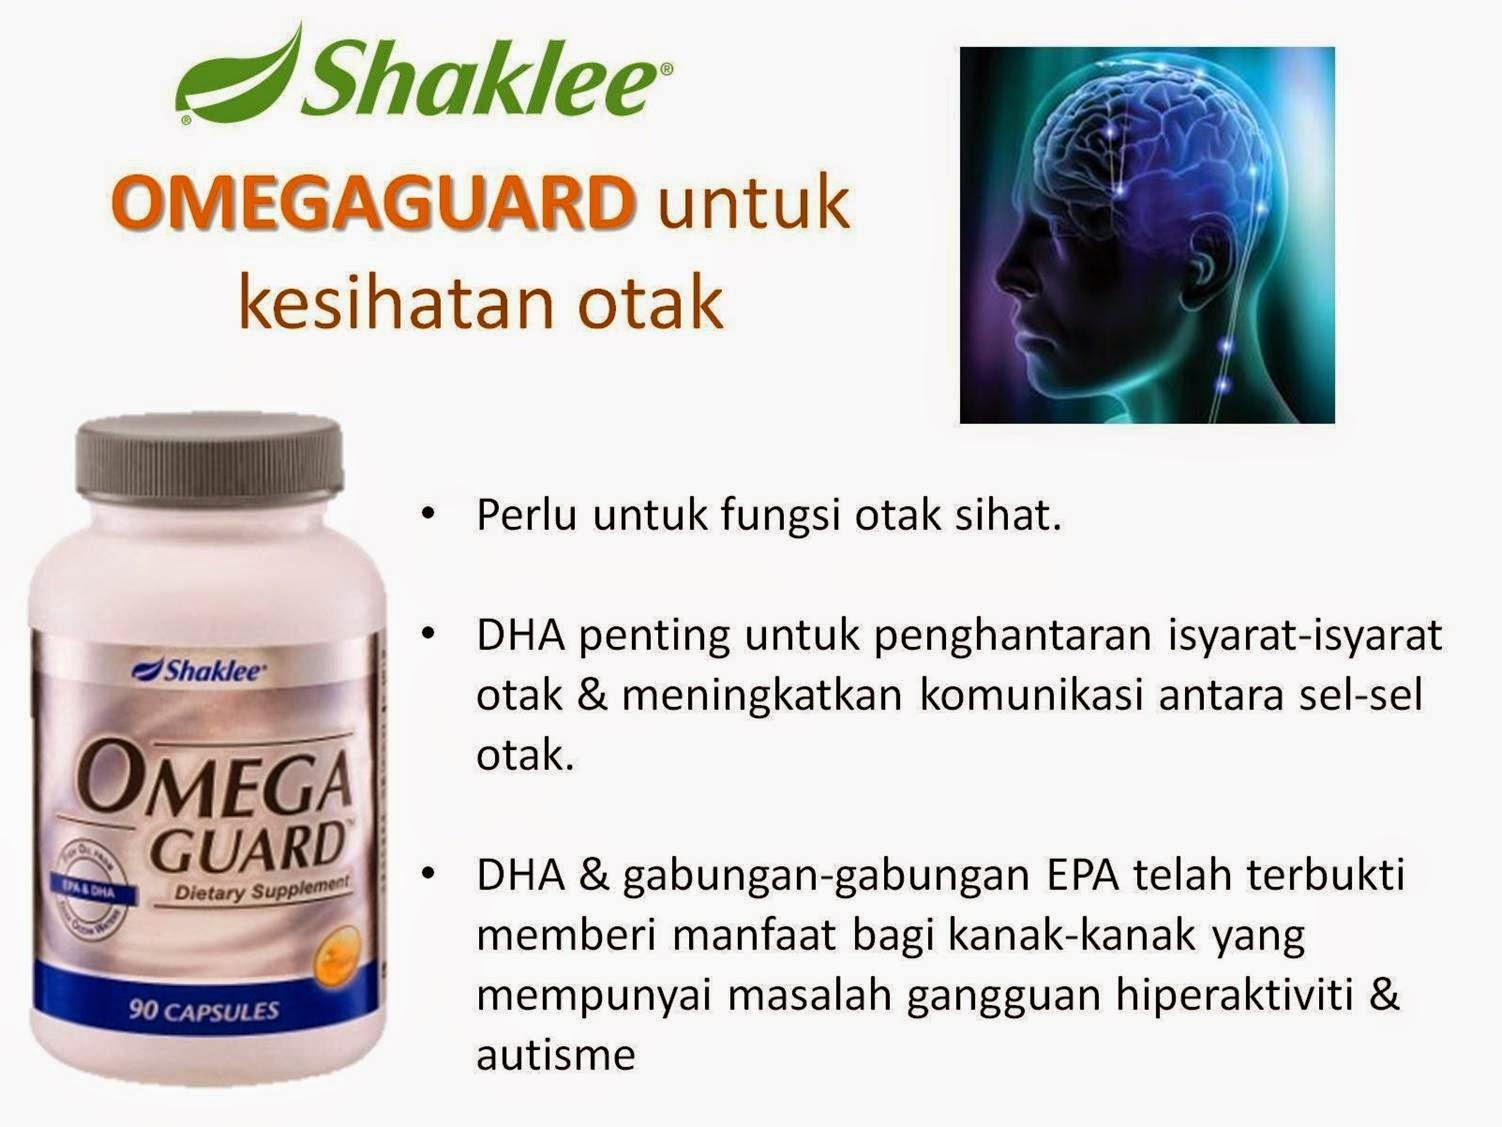 omega guard shaklee penting untuk perkembangan otak kanak-kanak